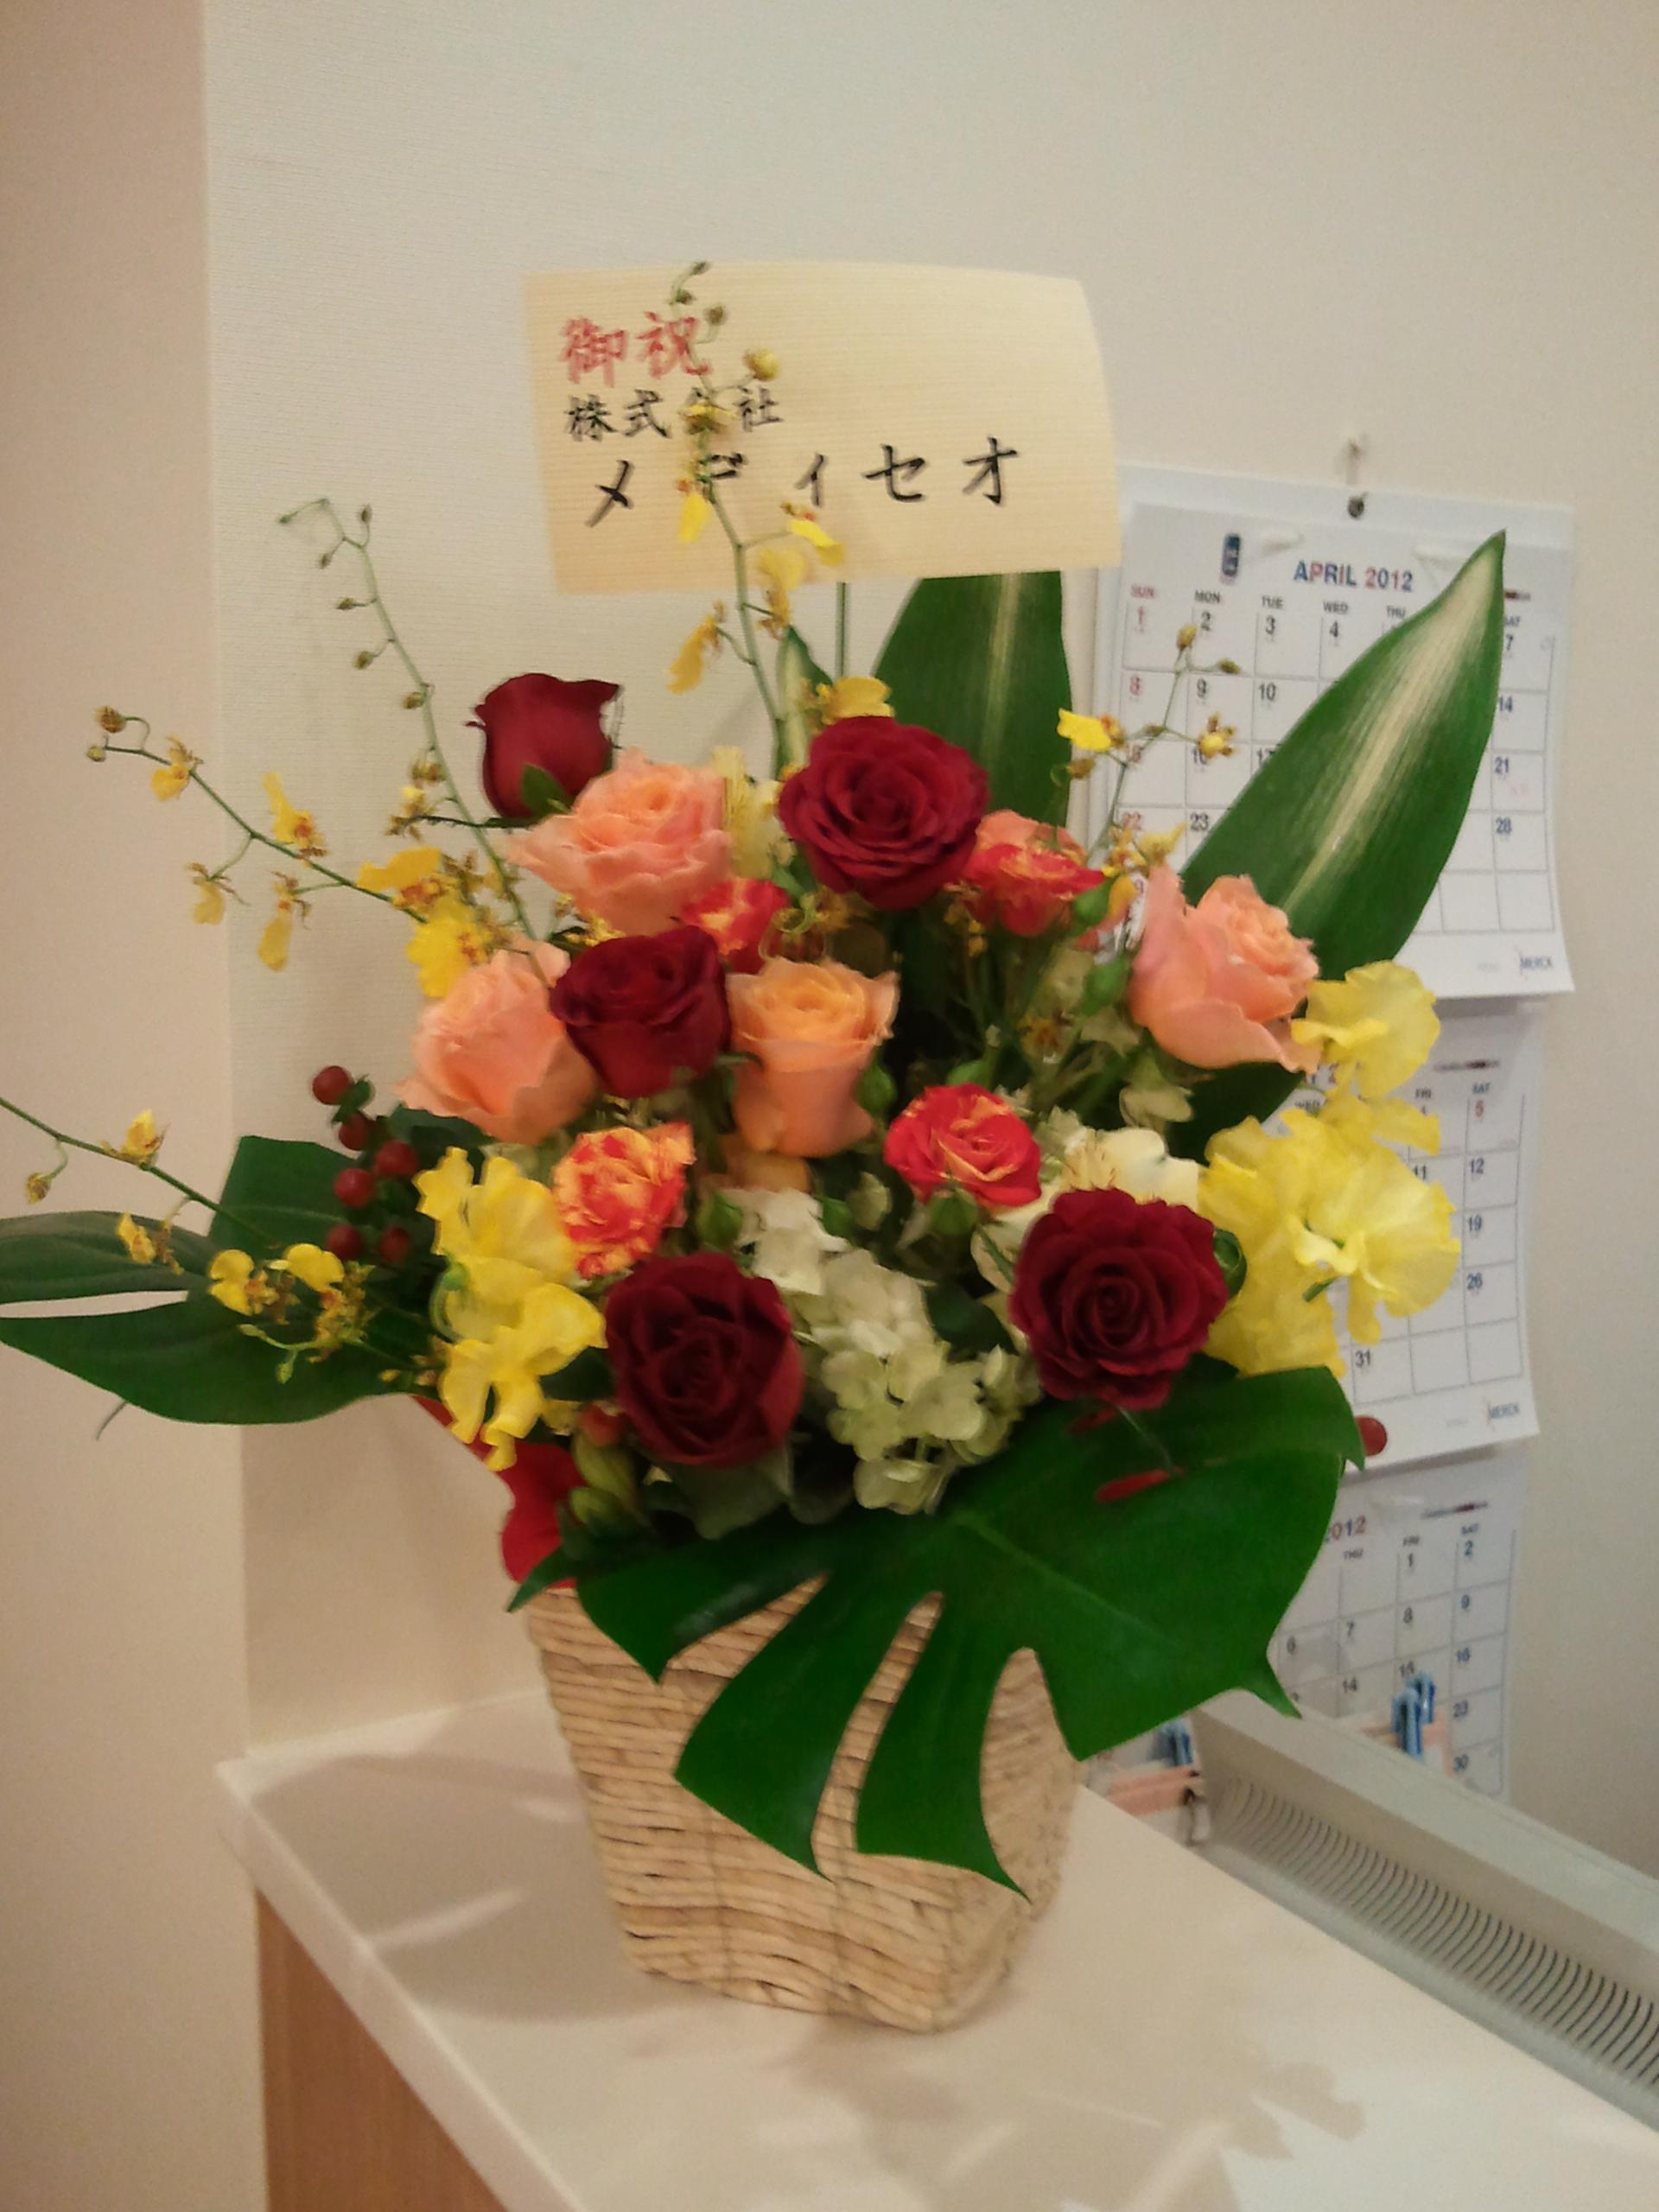 2012-04-02 17.09.23.jpg